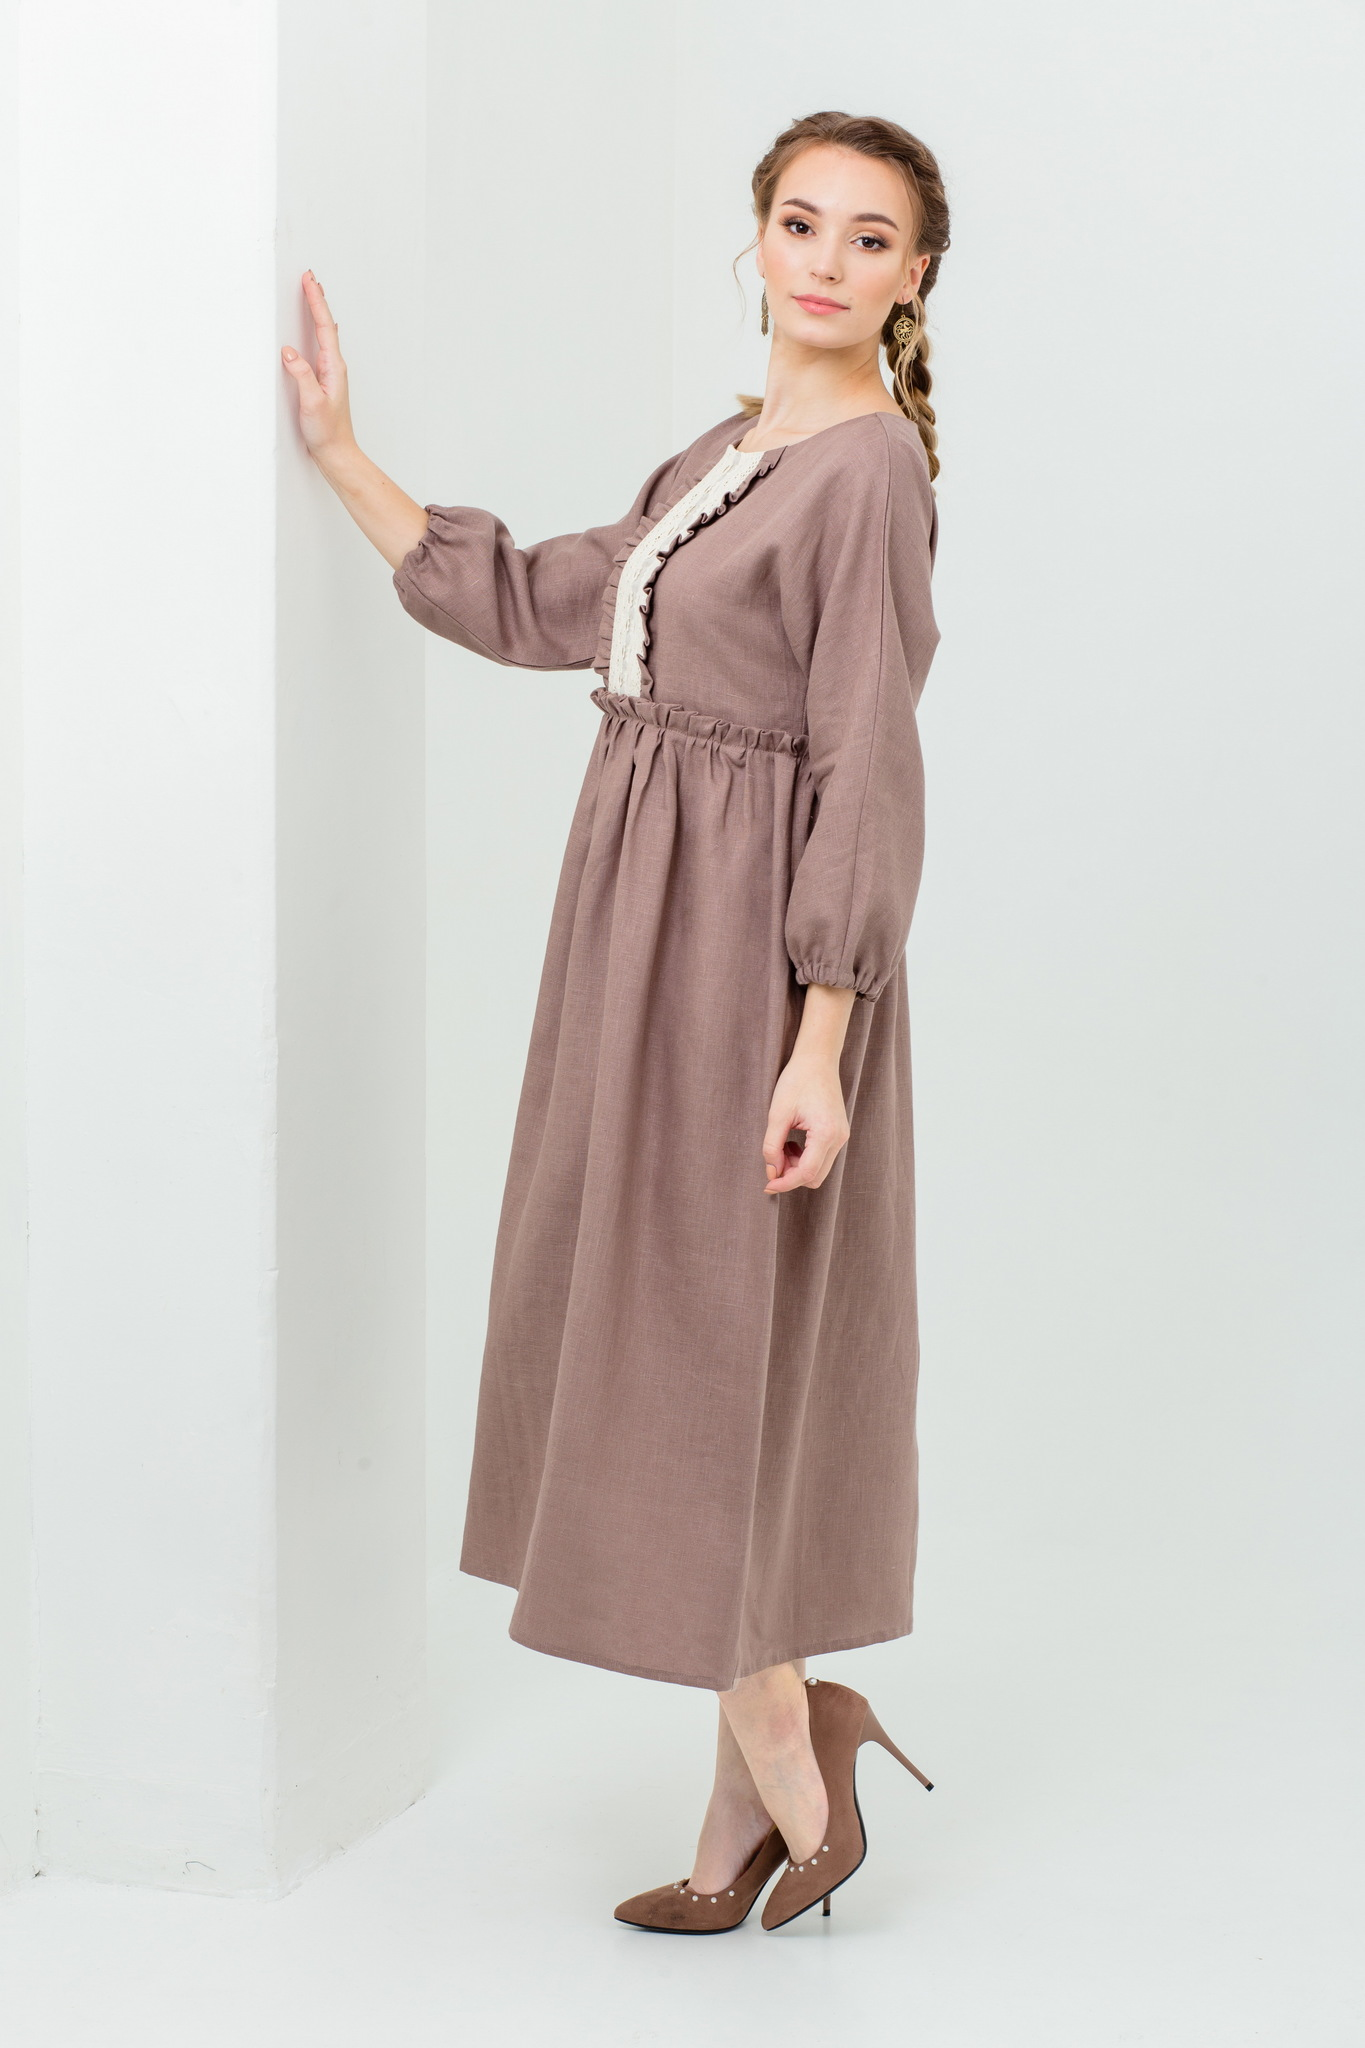 Платье льняное с кружевом Русская песня нарядное